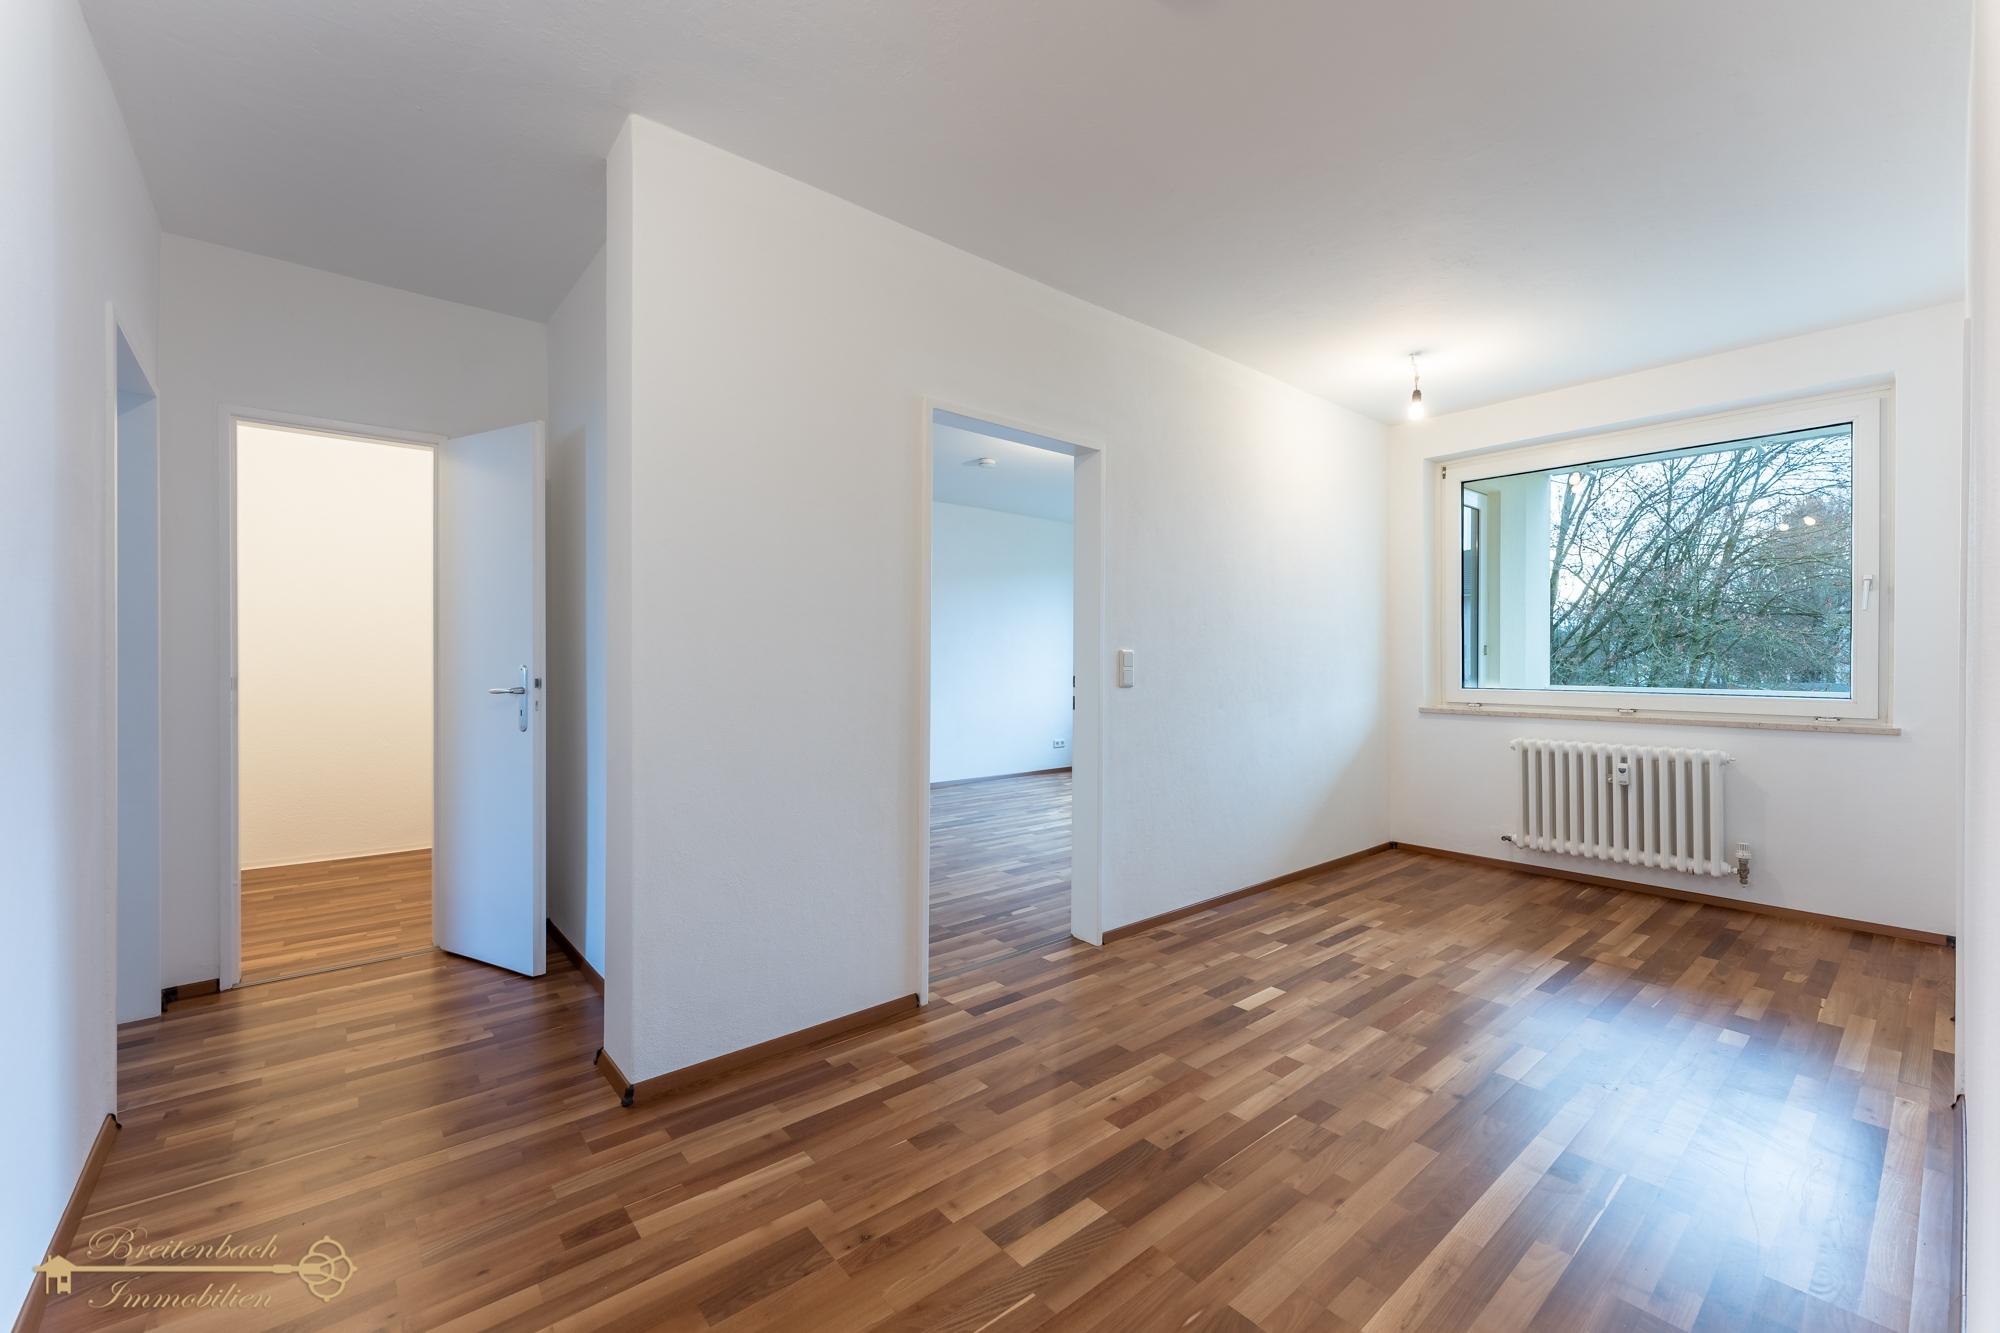 2021-01-09-Breitenbach-Immobilien-3